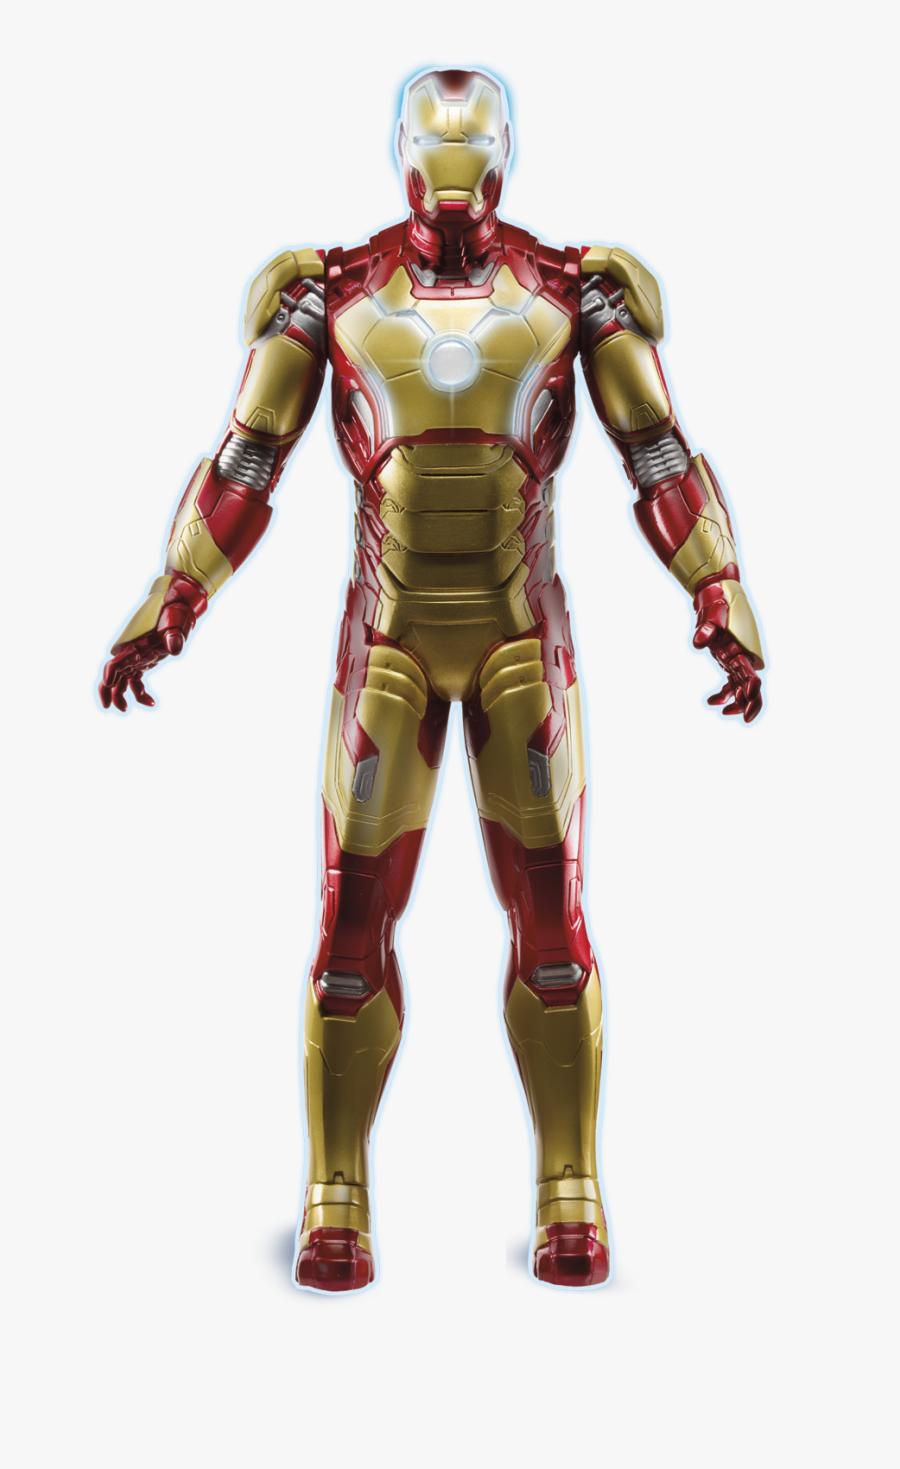 Advertising Clipart Consumerism - Iron Man 3 Mark 47, Transparent Clipart